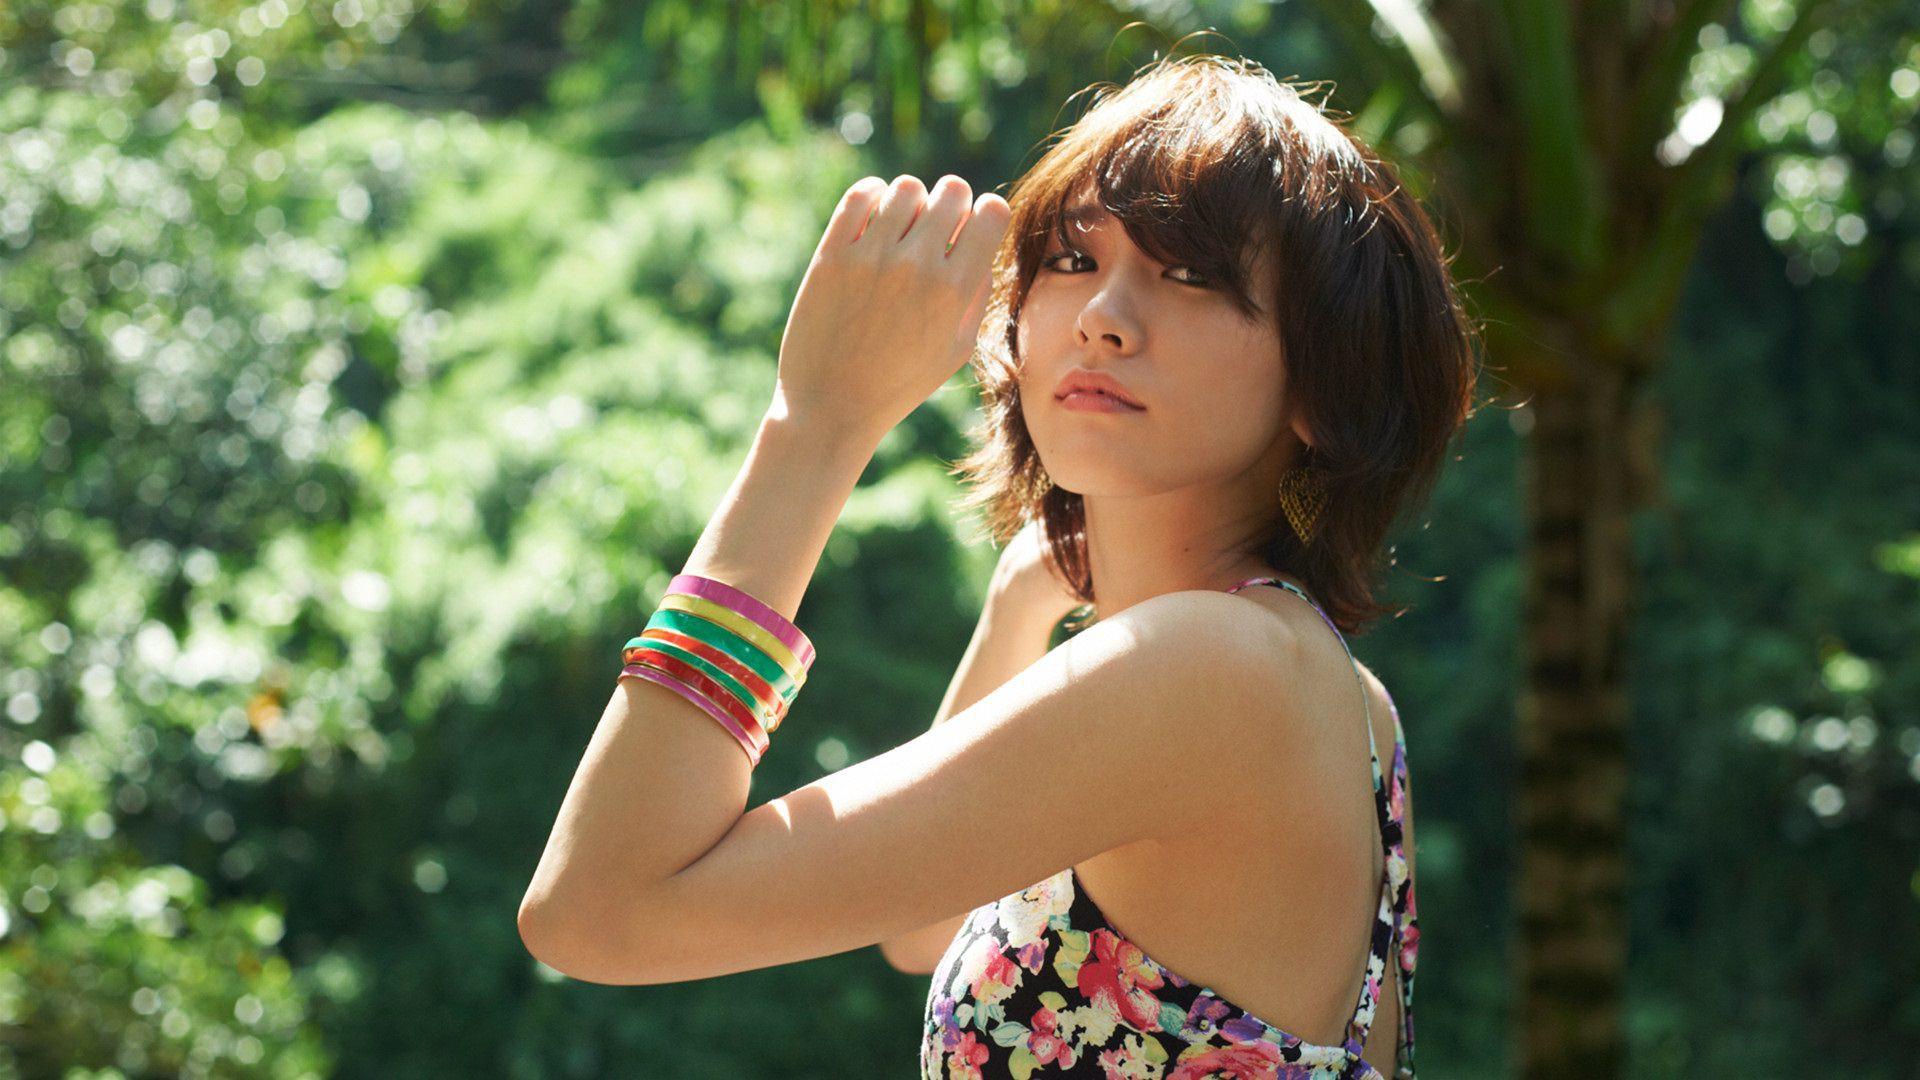 VZN News: 5 mỹ nhân tóc ngắn hot nhất Jbiz: Đây chính là lý do vẻ đẹp ngây thơ, trong sáng của con gái Nhật là thiên hạ vô địch - Ảnh 27.